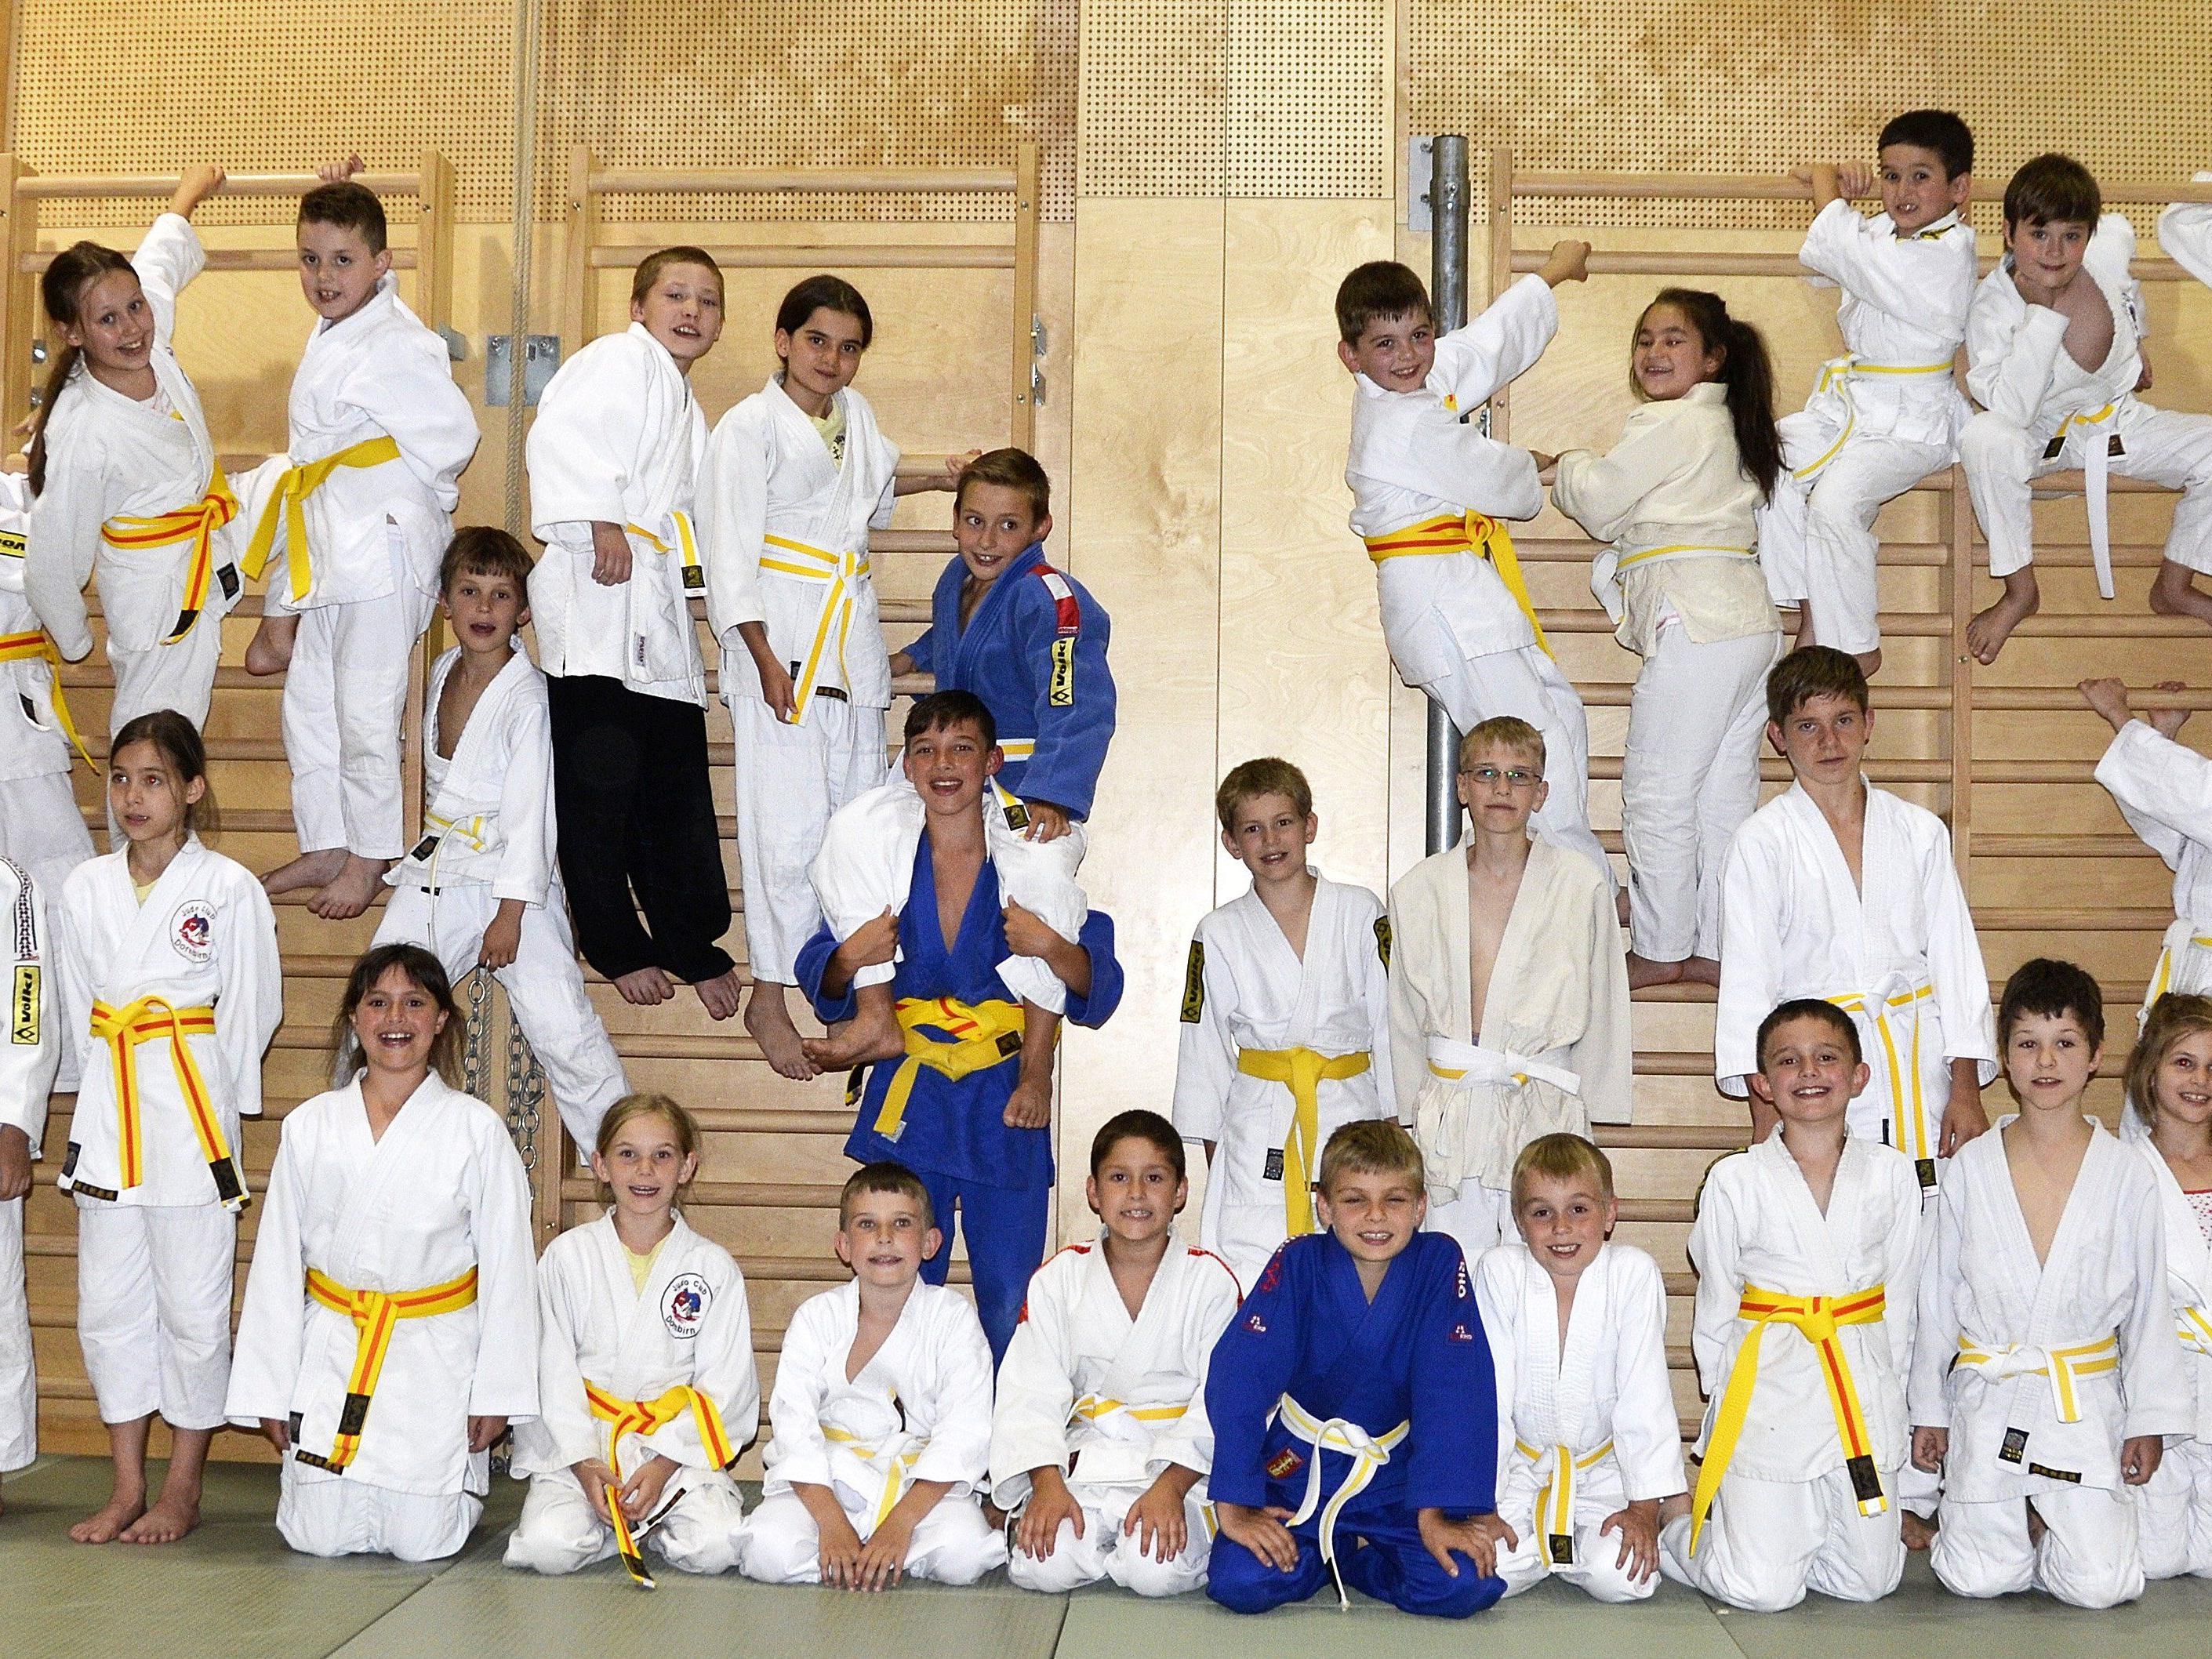 Der Judoclub Dornbirn ist stolz auf seinen erfolgreichen Nachwuchs.